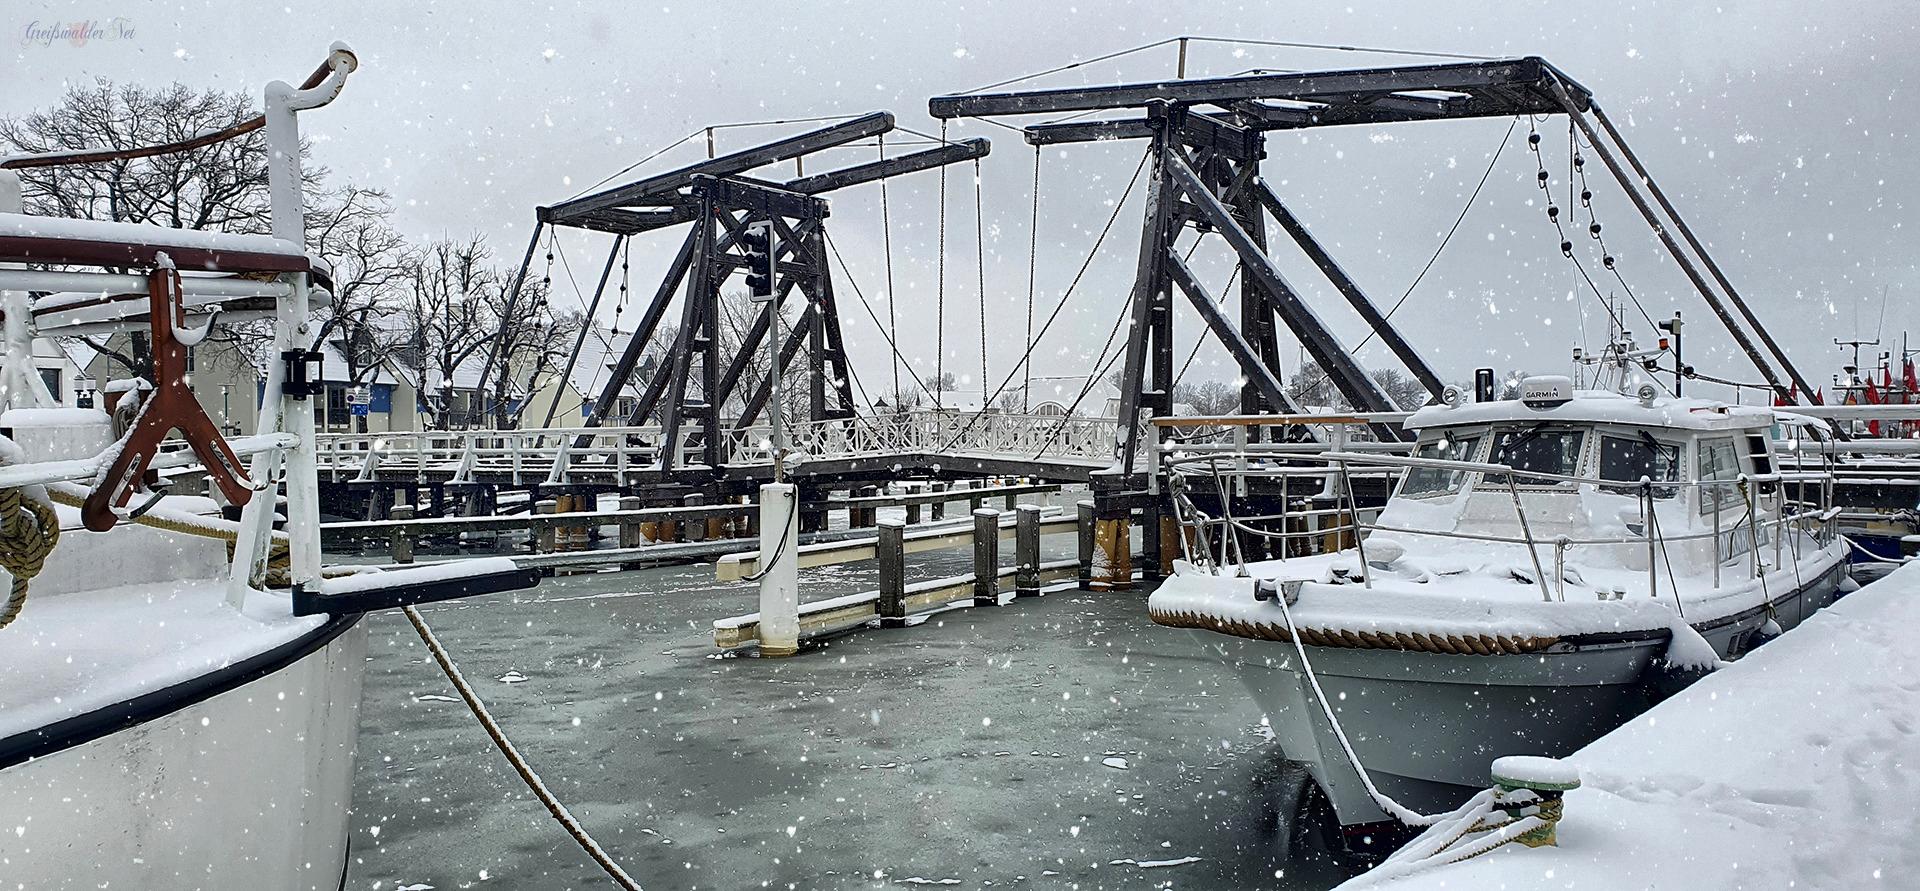 Schnee an der Holzklappbrücke in Greifswald-Wieck